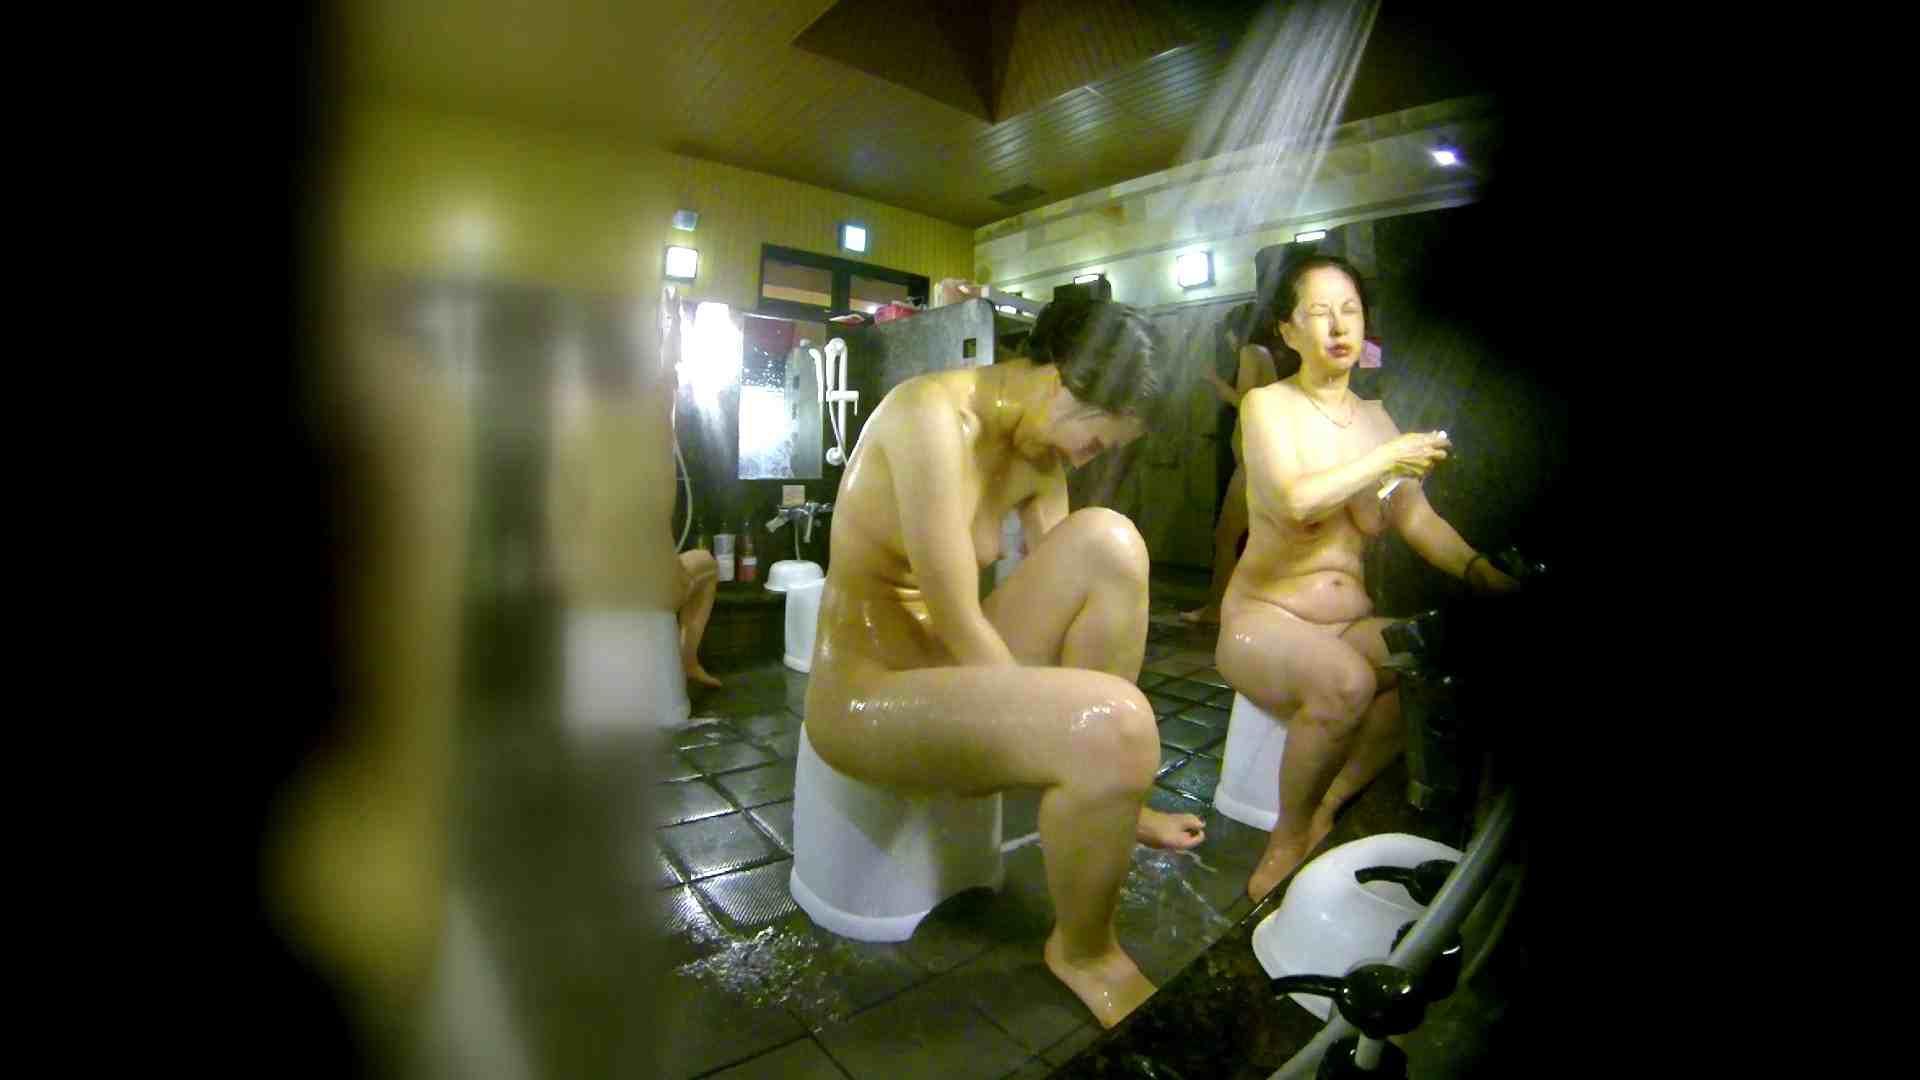 洗い場!右足の位置がいいですね。陰毛もっさり! 銭湯   0  113pic 58